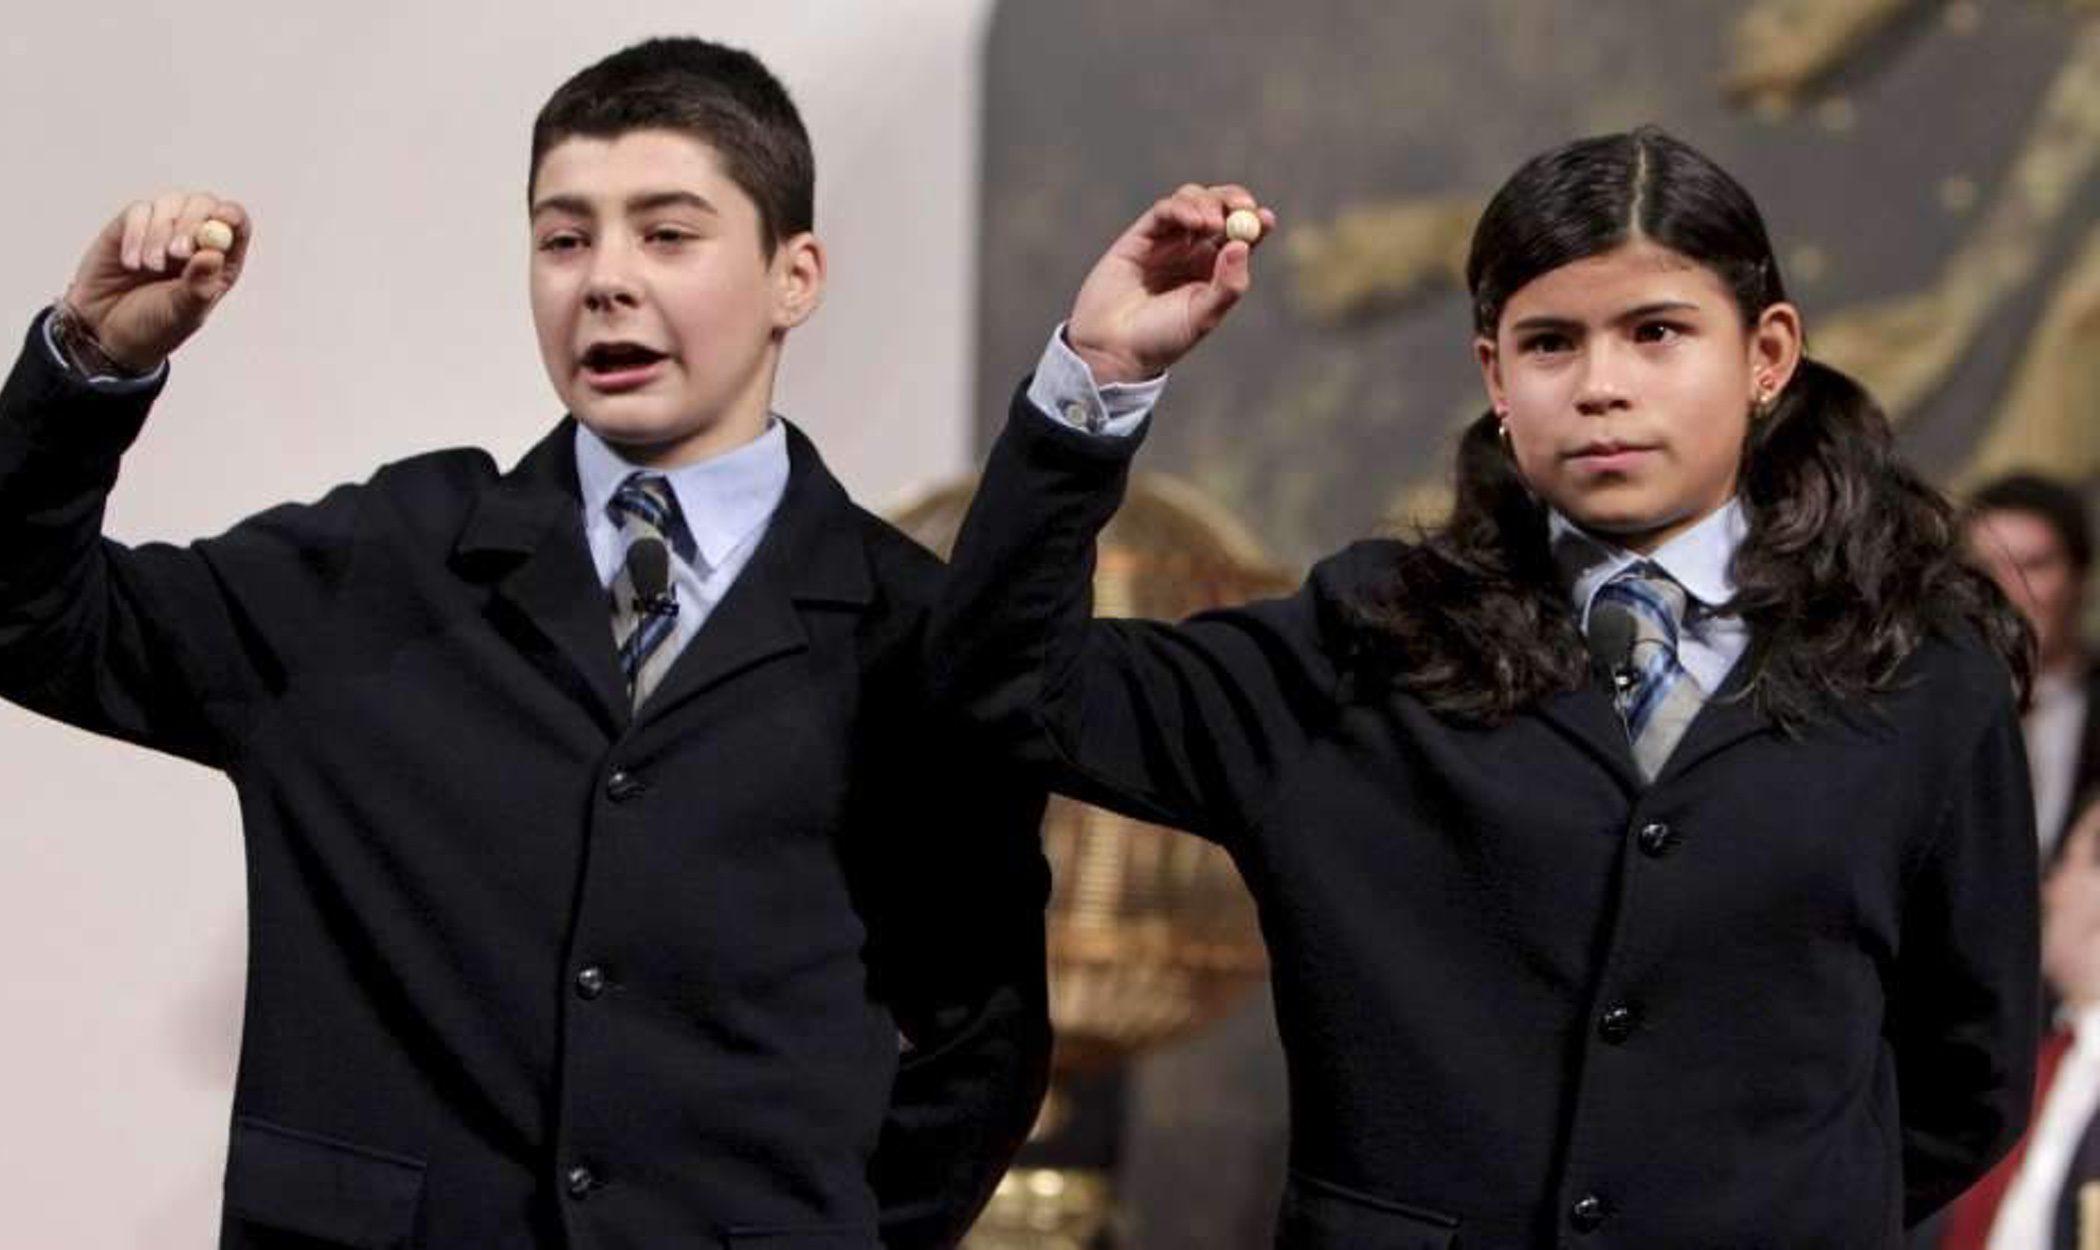 La suerte de la Lotería de Navidad 2011 se la encomendamos a la Duquesa de Alba, Simoncelli o ETA